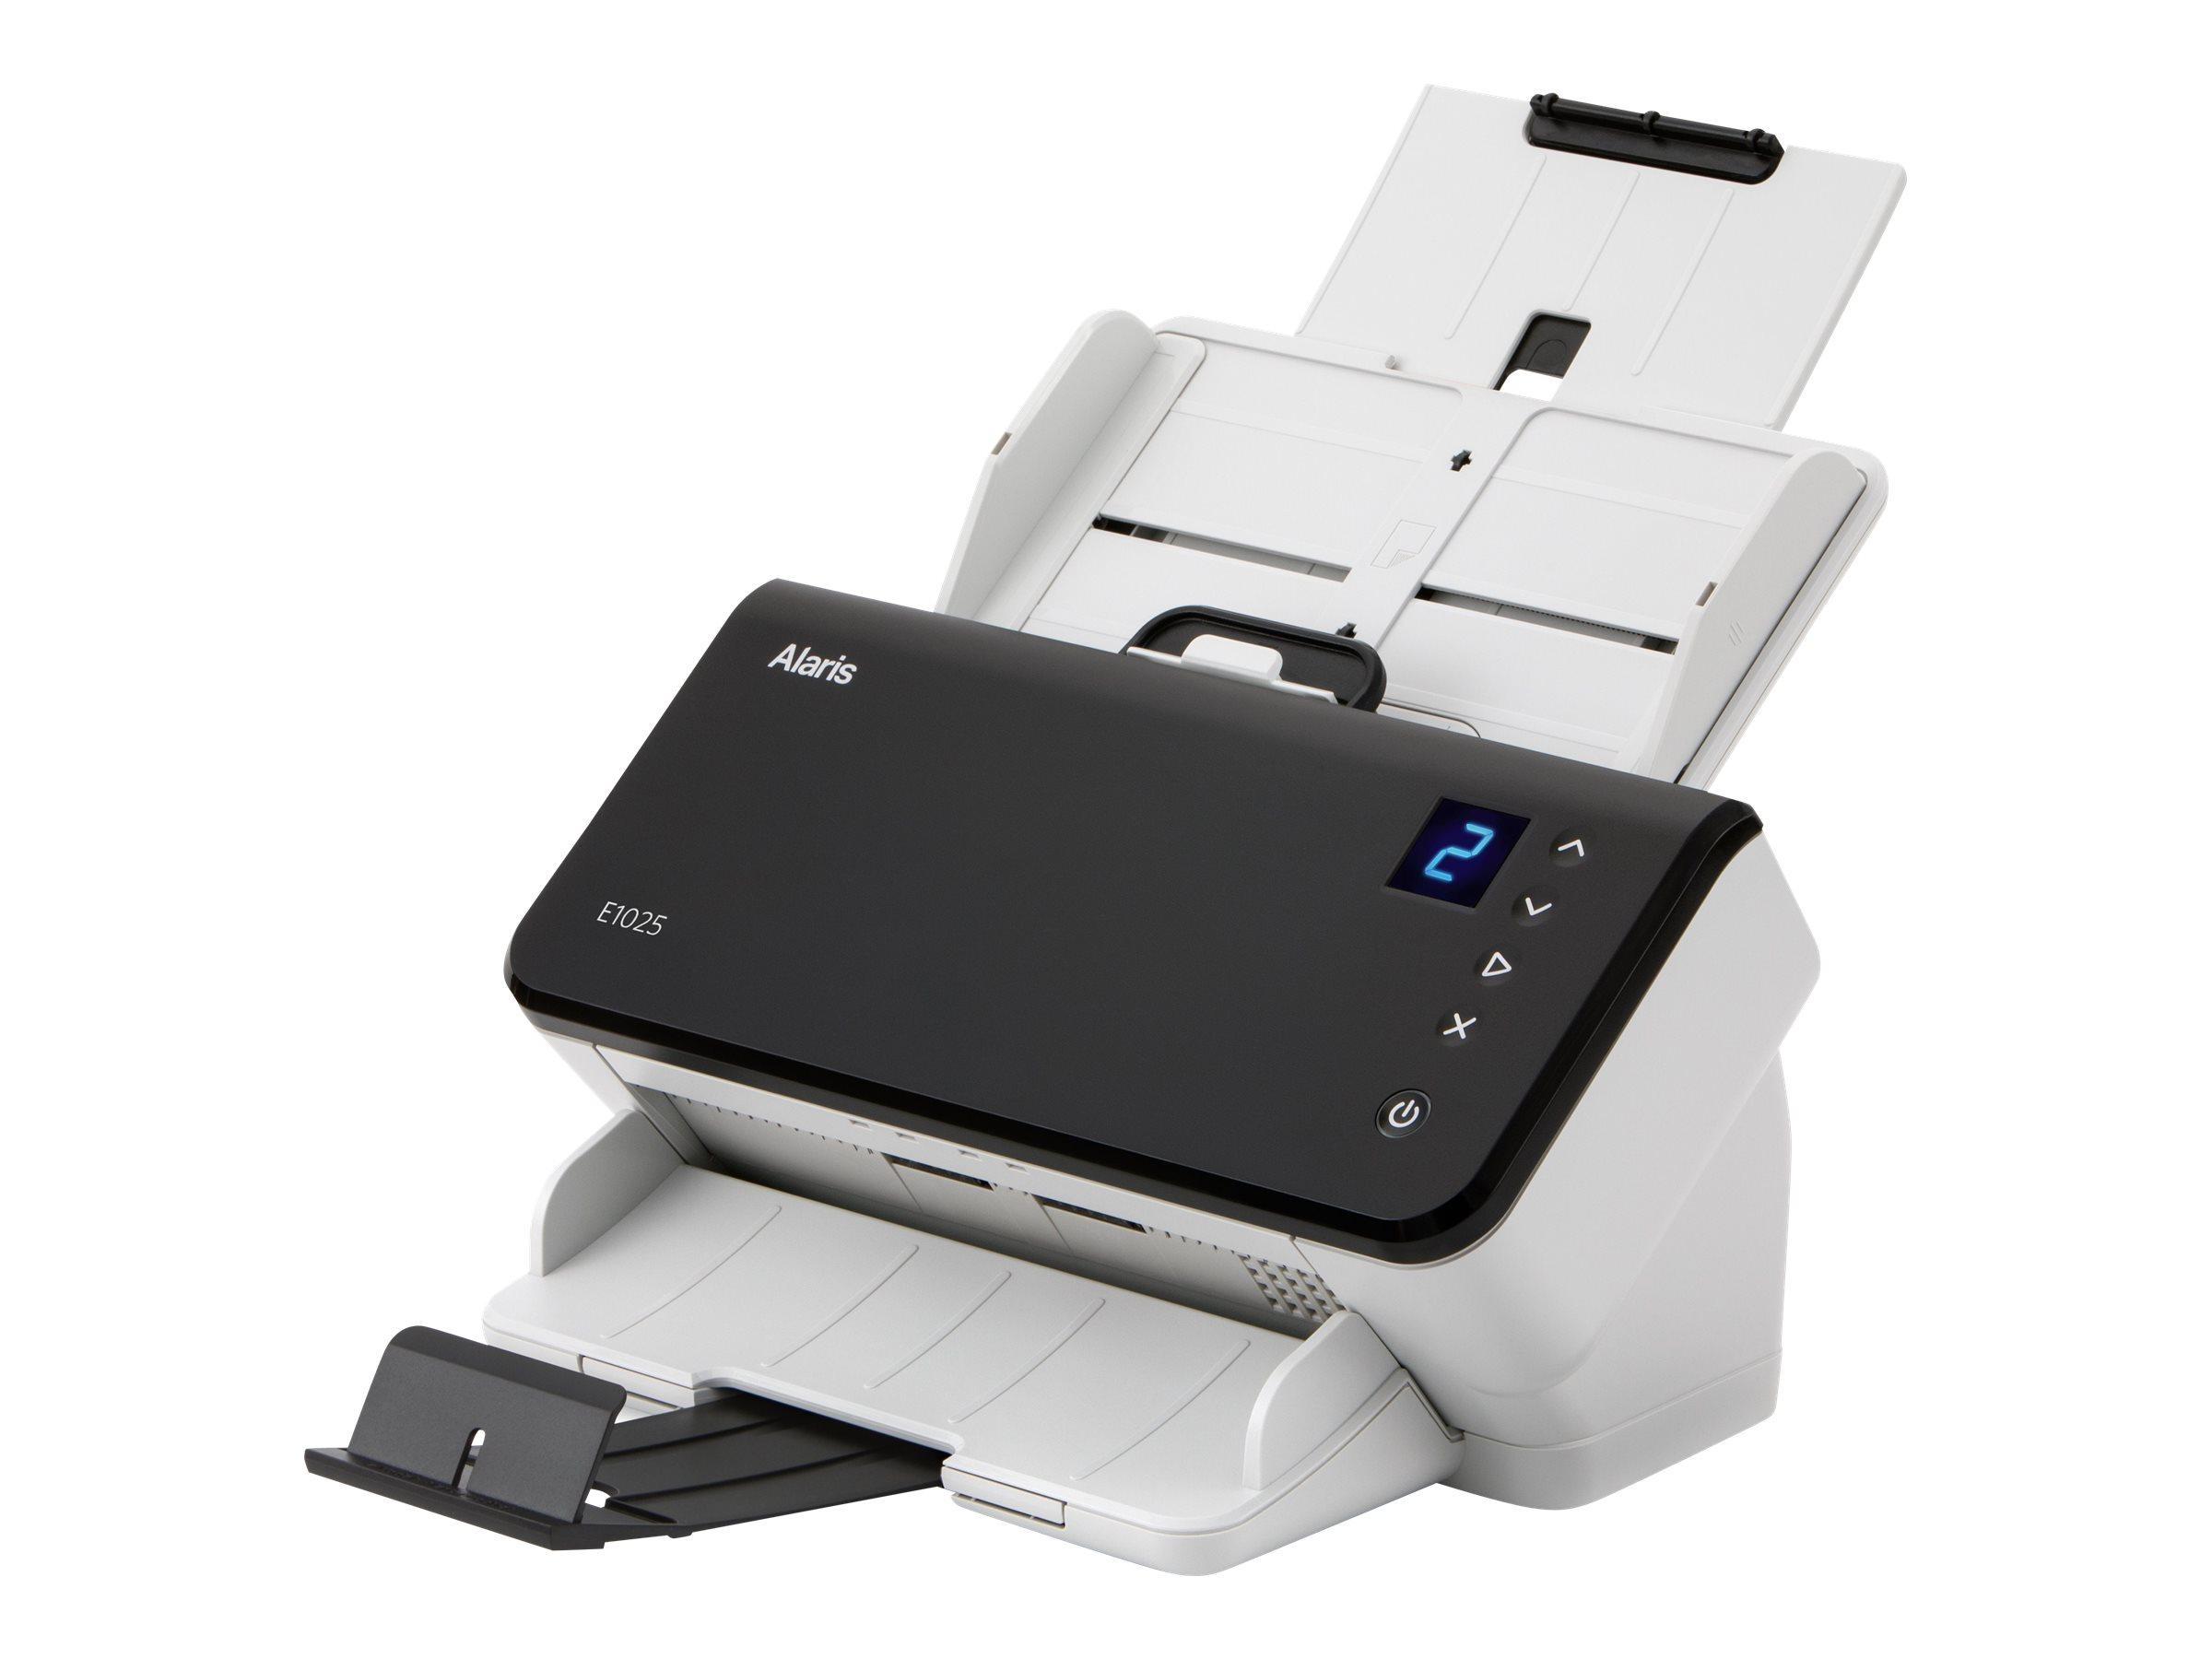 Alaris E1025 - Dokumentenscanner - Duplex - 216 x 3000 mm - 600 dpi - bis zu 25 Seiten/Min. (einfarbig) / bis zu 25 Seiten/Min.